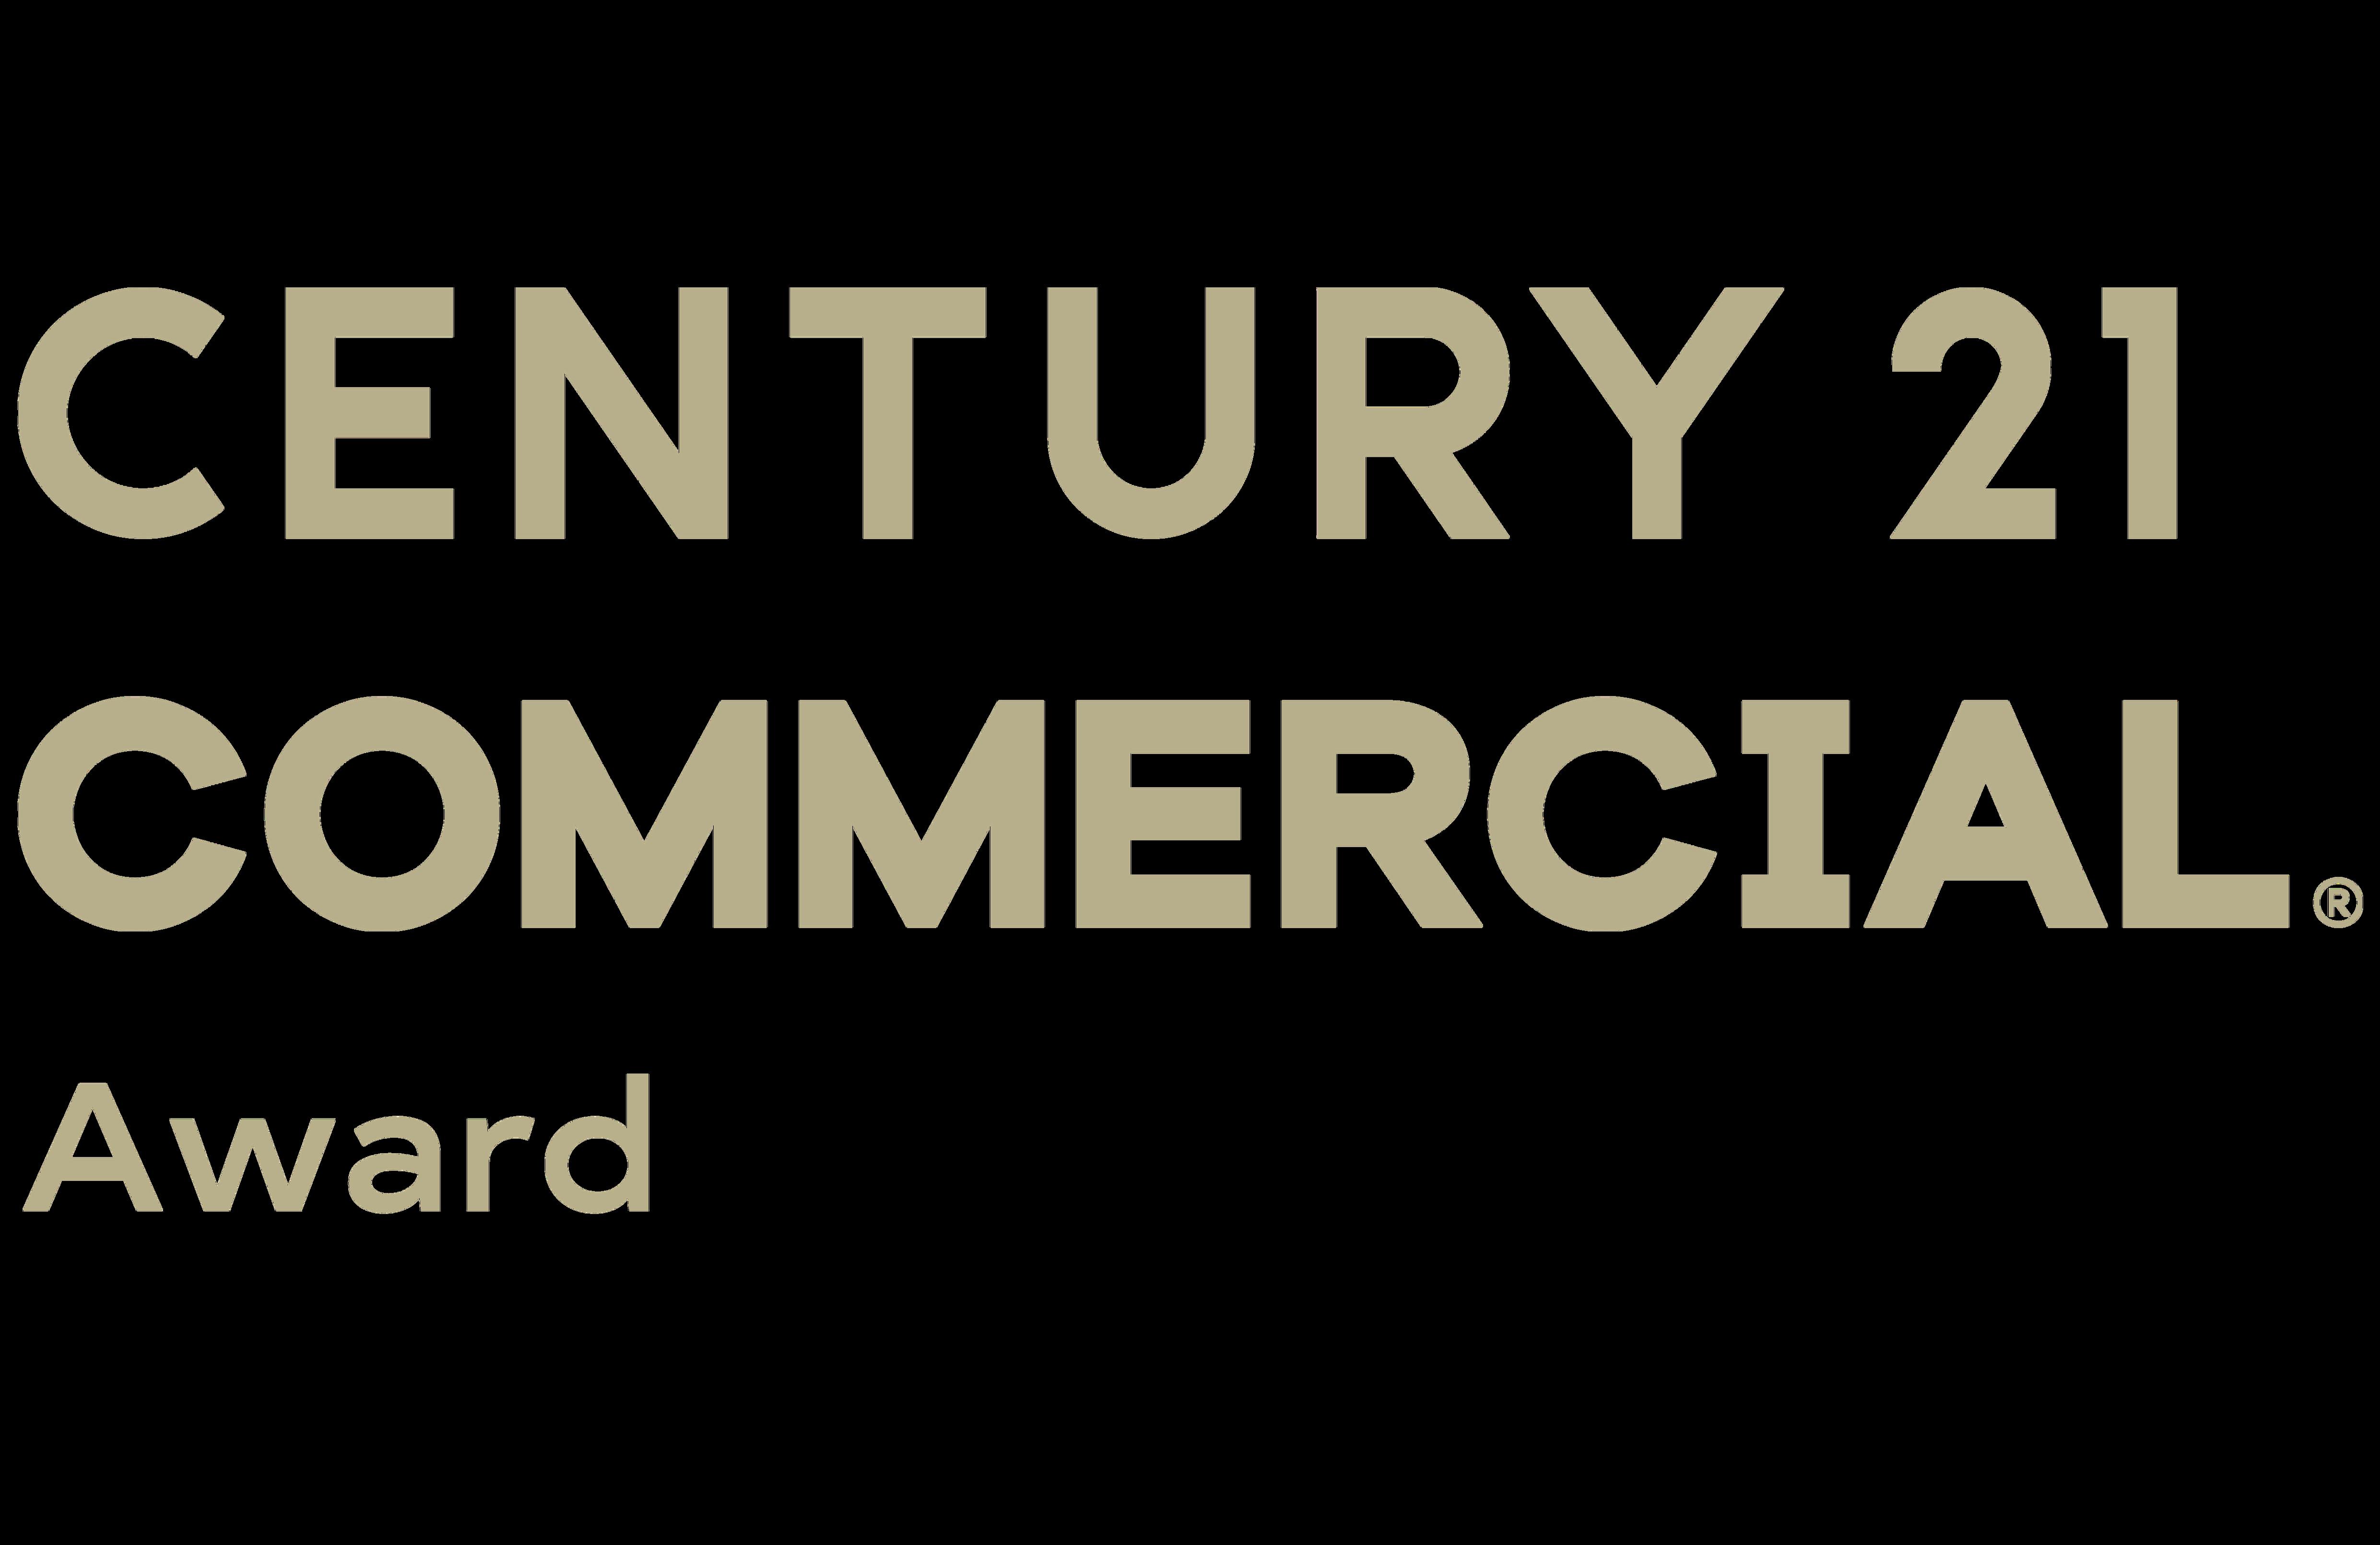 Randy Marshall of CENTURY 21 Award logo